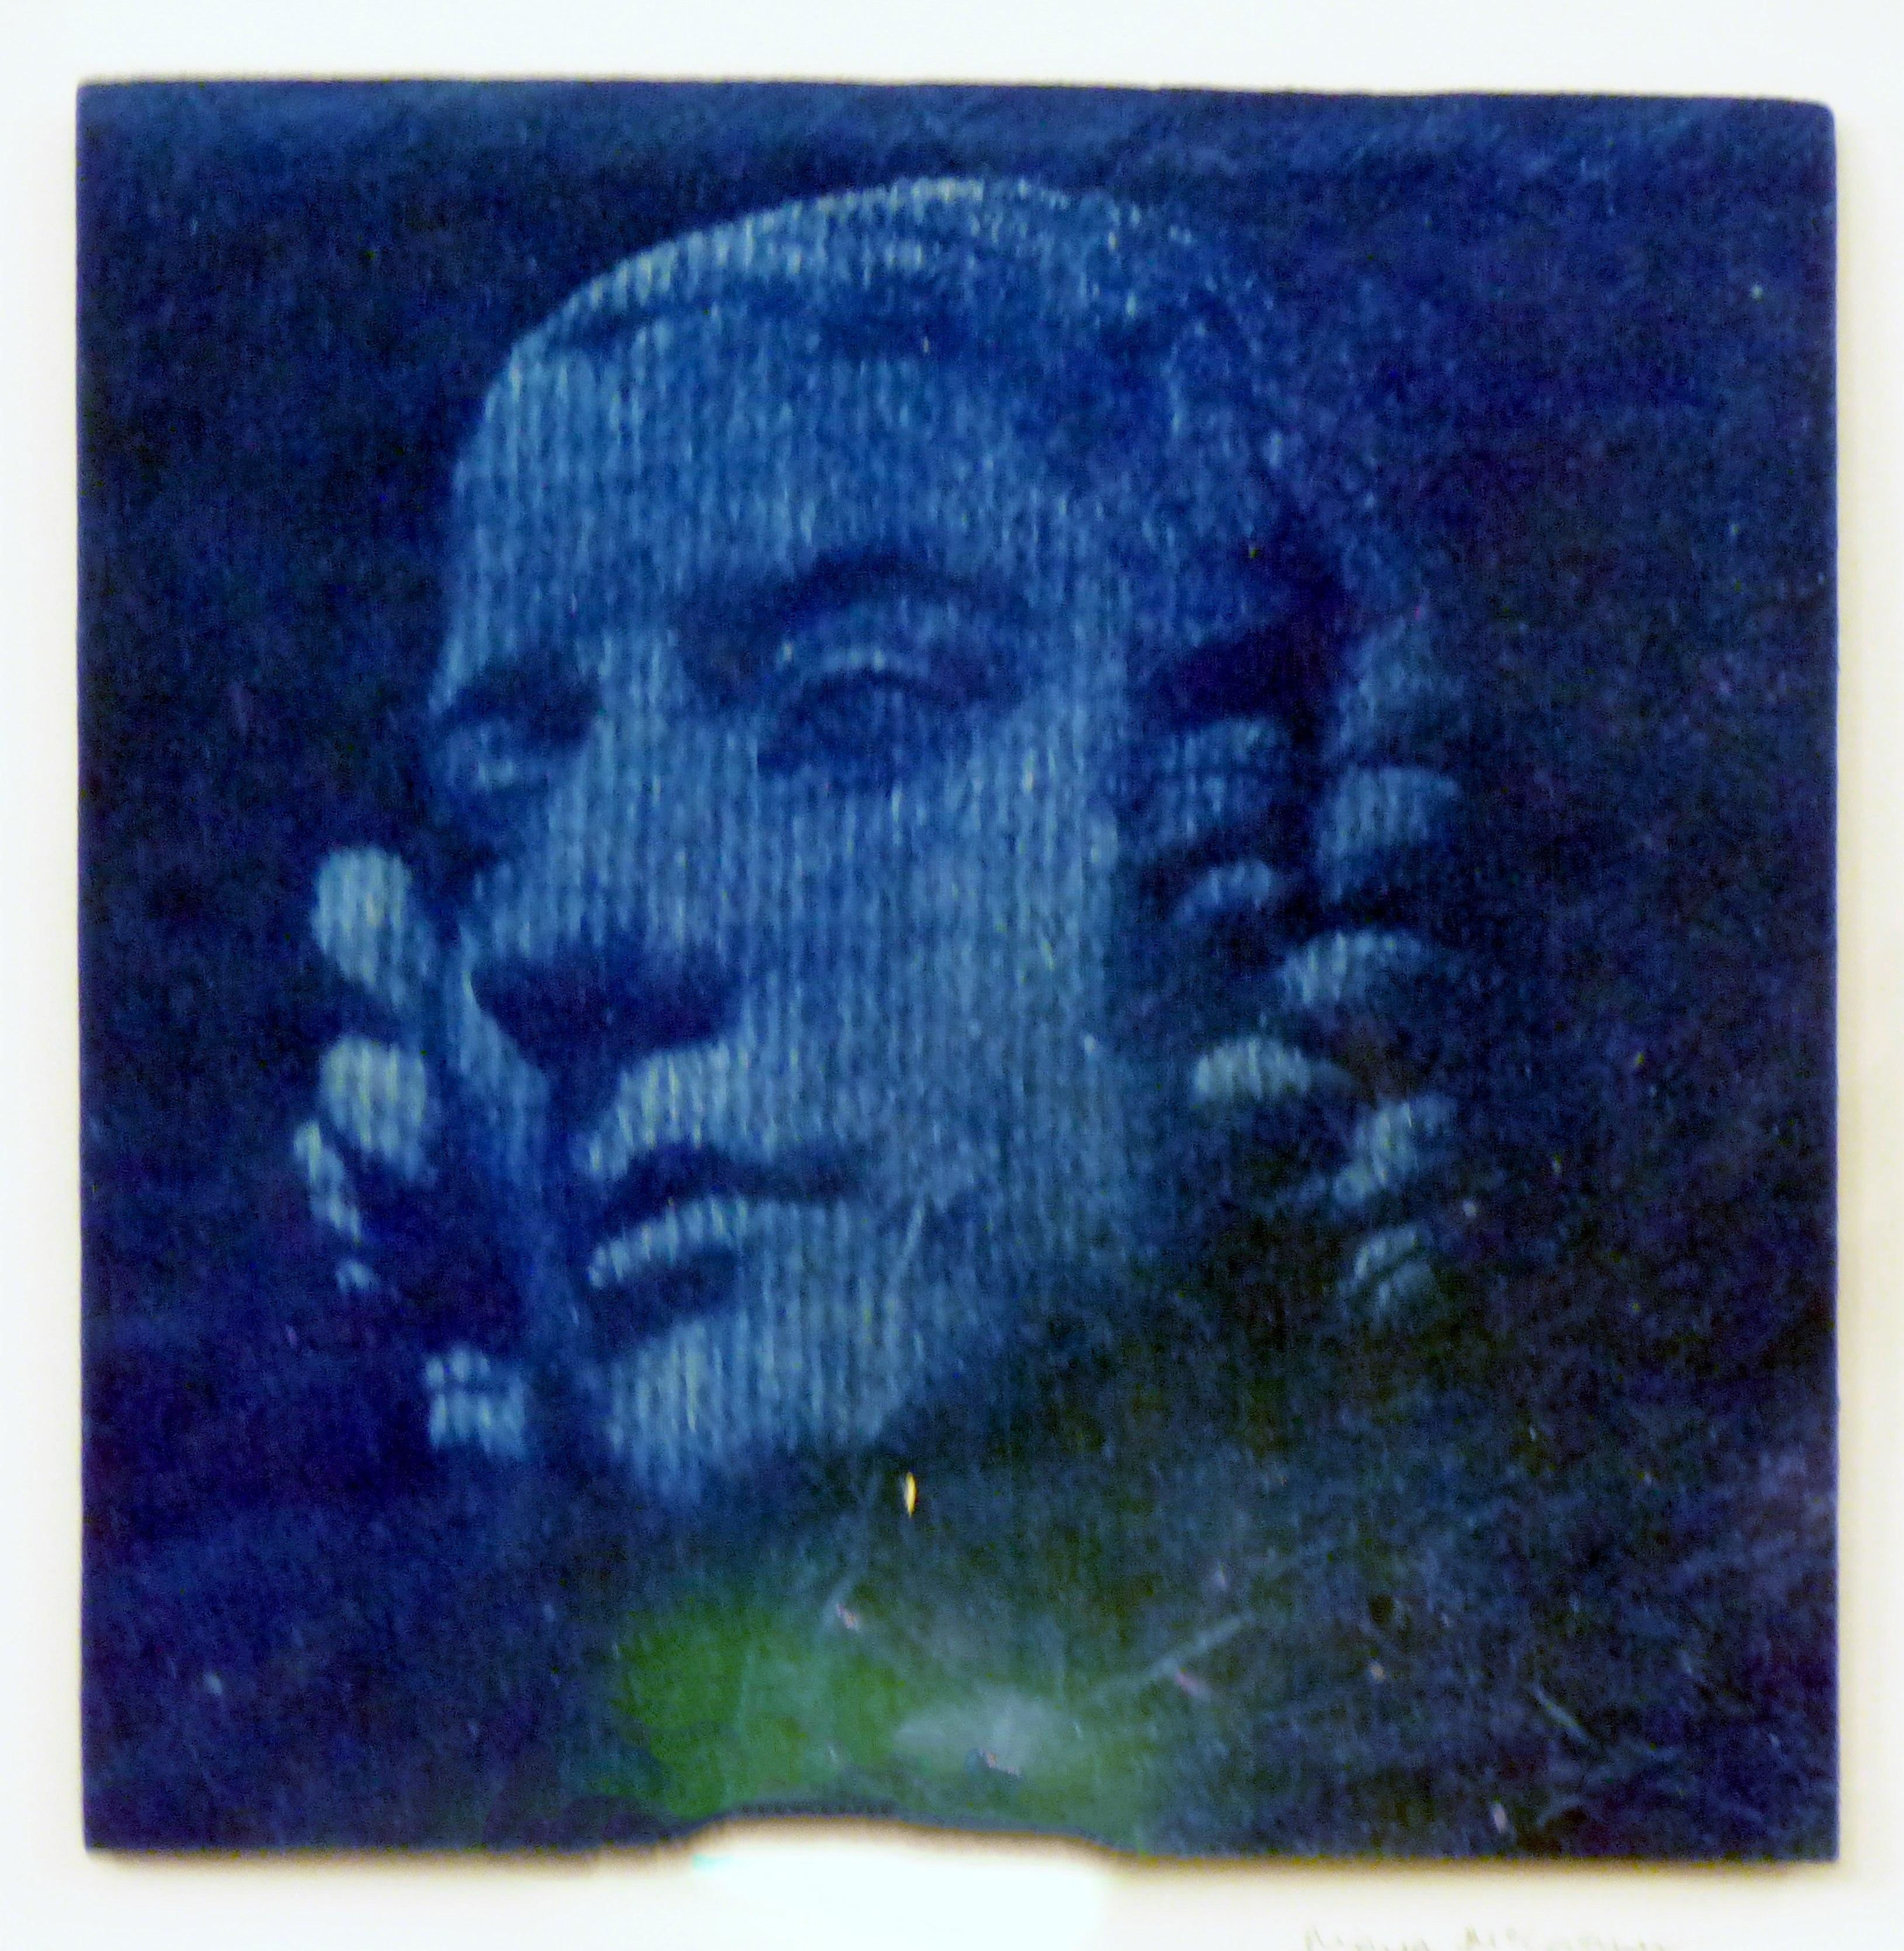 cyanotype image by Moya McCarthy, N.Wales EG